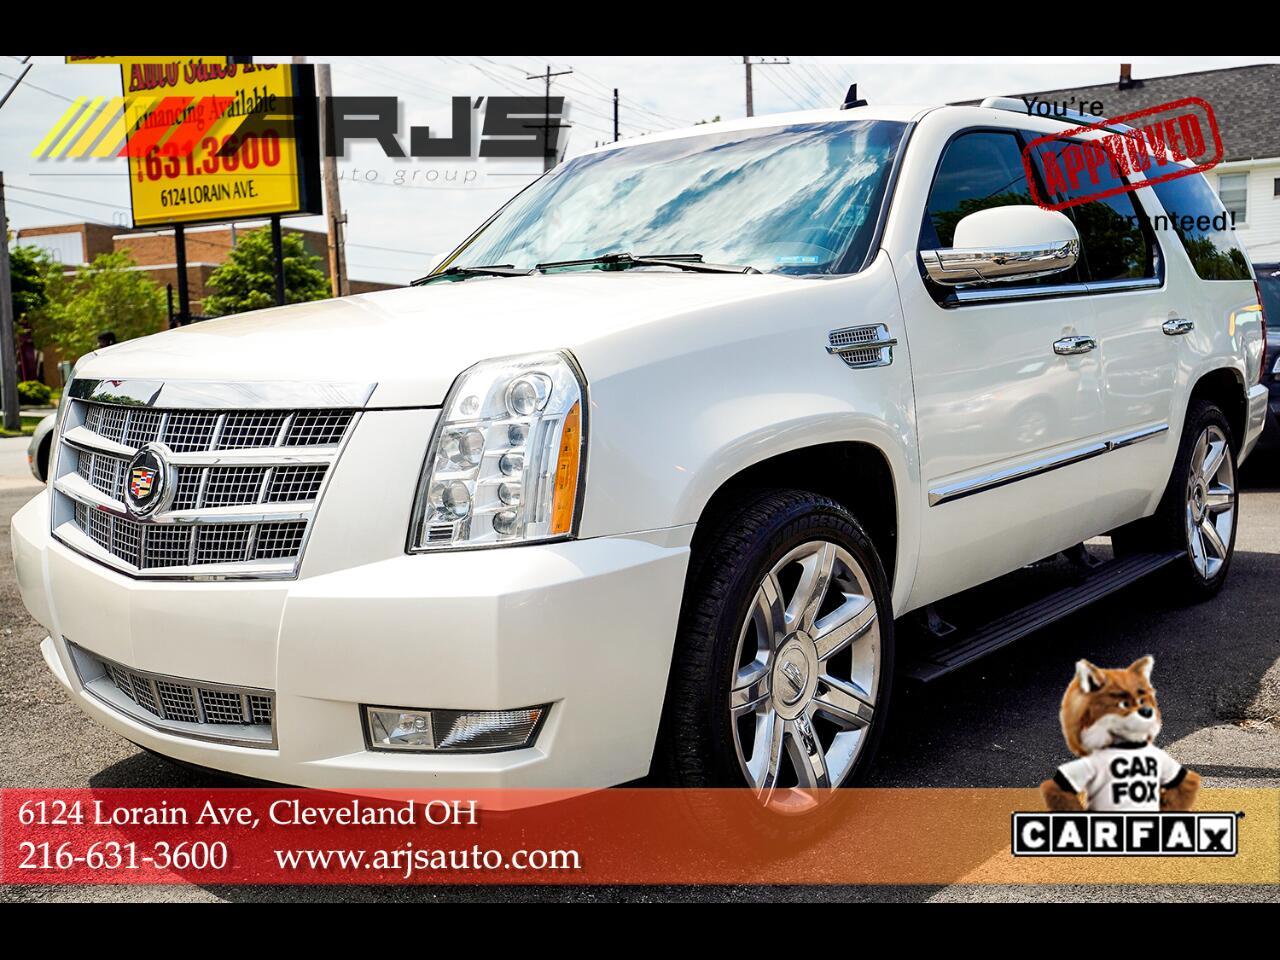 Cadillac Escalade AWD 4dr Platinum Edition 2010